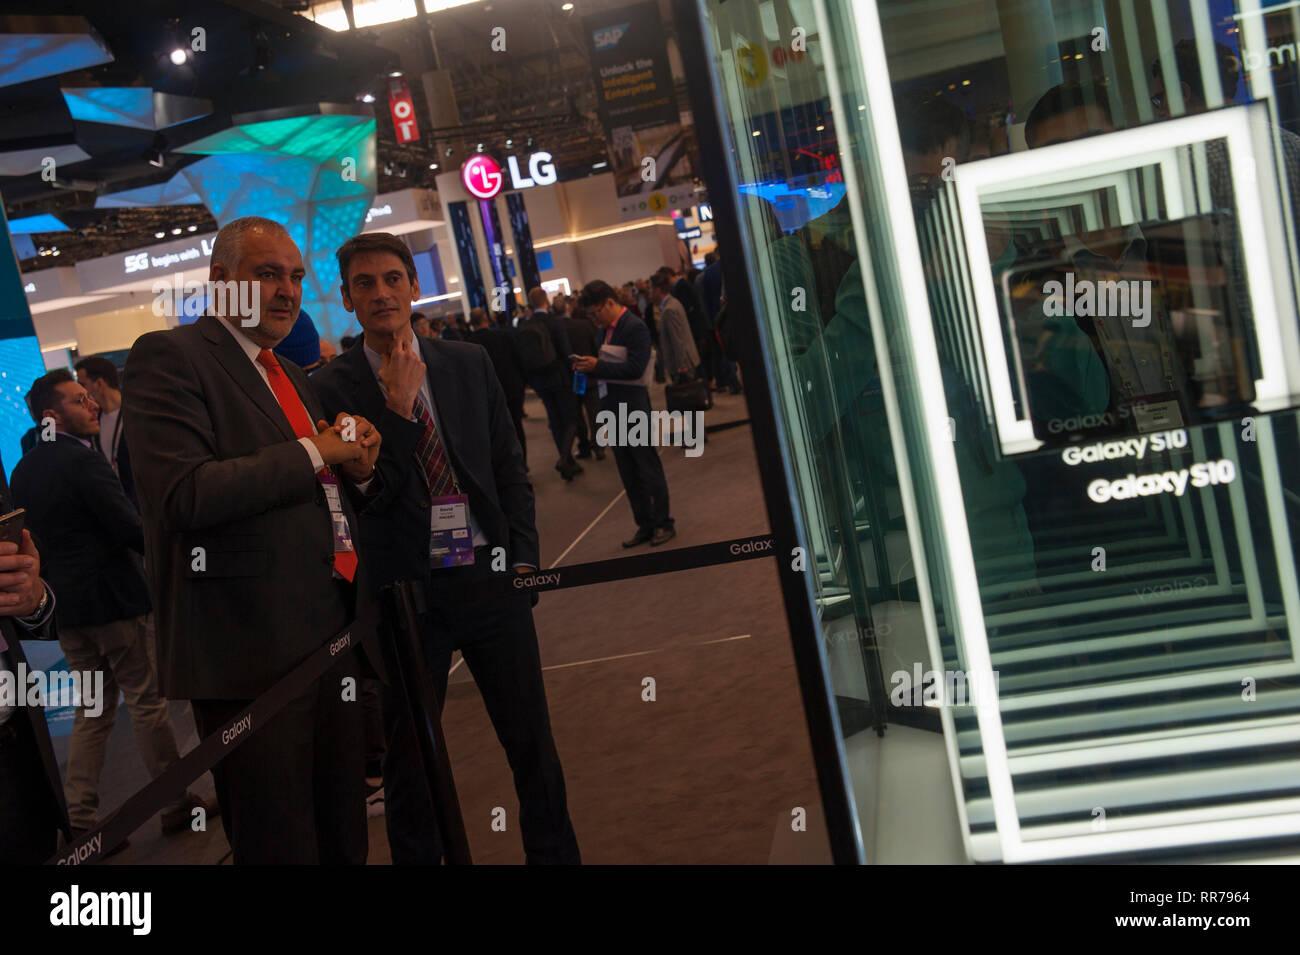 Barcelone, Espagne, le Lundi, Février 25, 2019. Le Mobile World Congress démarre avec le devrait dépasser 107 000 participants de plus de 200 pays, c'était le chiffre atteint dans sa dernière édition. La téléphonie mobile se déroulera autour de la connectivité intelligente et l'adresse hyperconnectivity, 5G, l'internet des objets, l'intelligence artificielle (IA) et big data. Crédit: Charlie Perez/Alamy Live News Banque D'Images